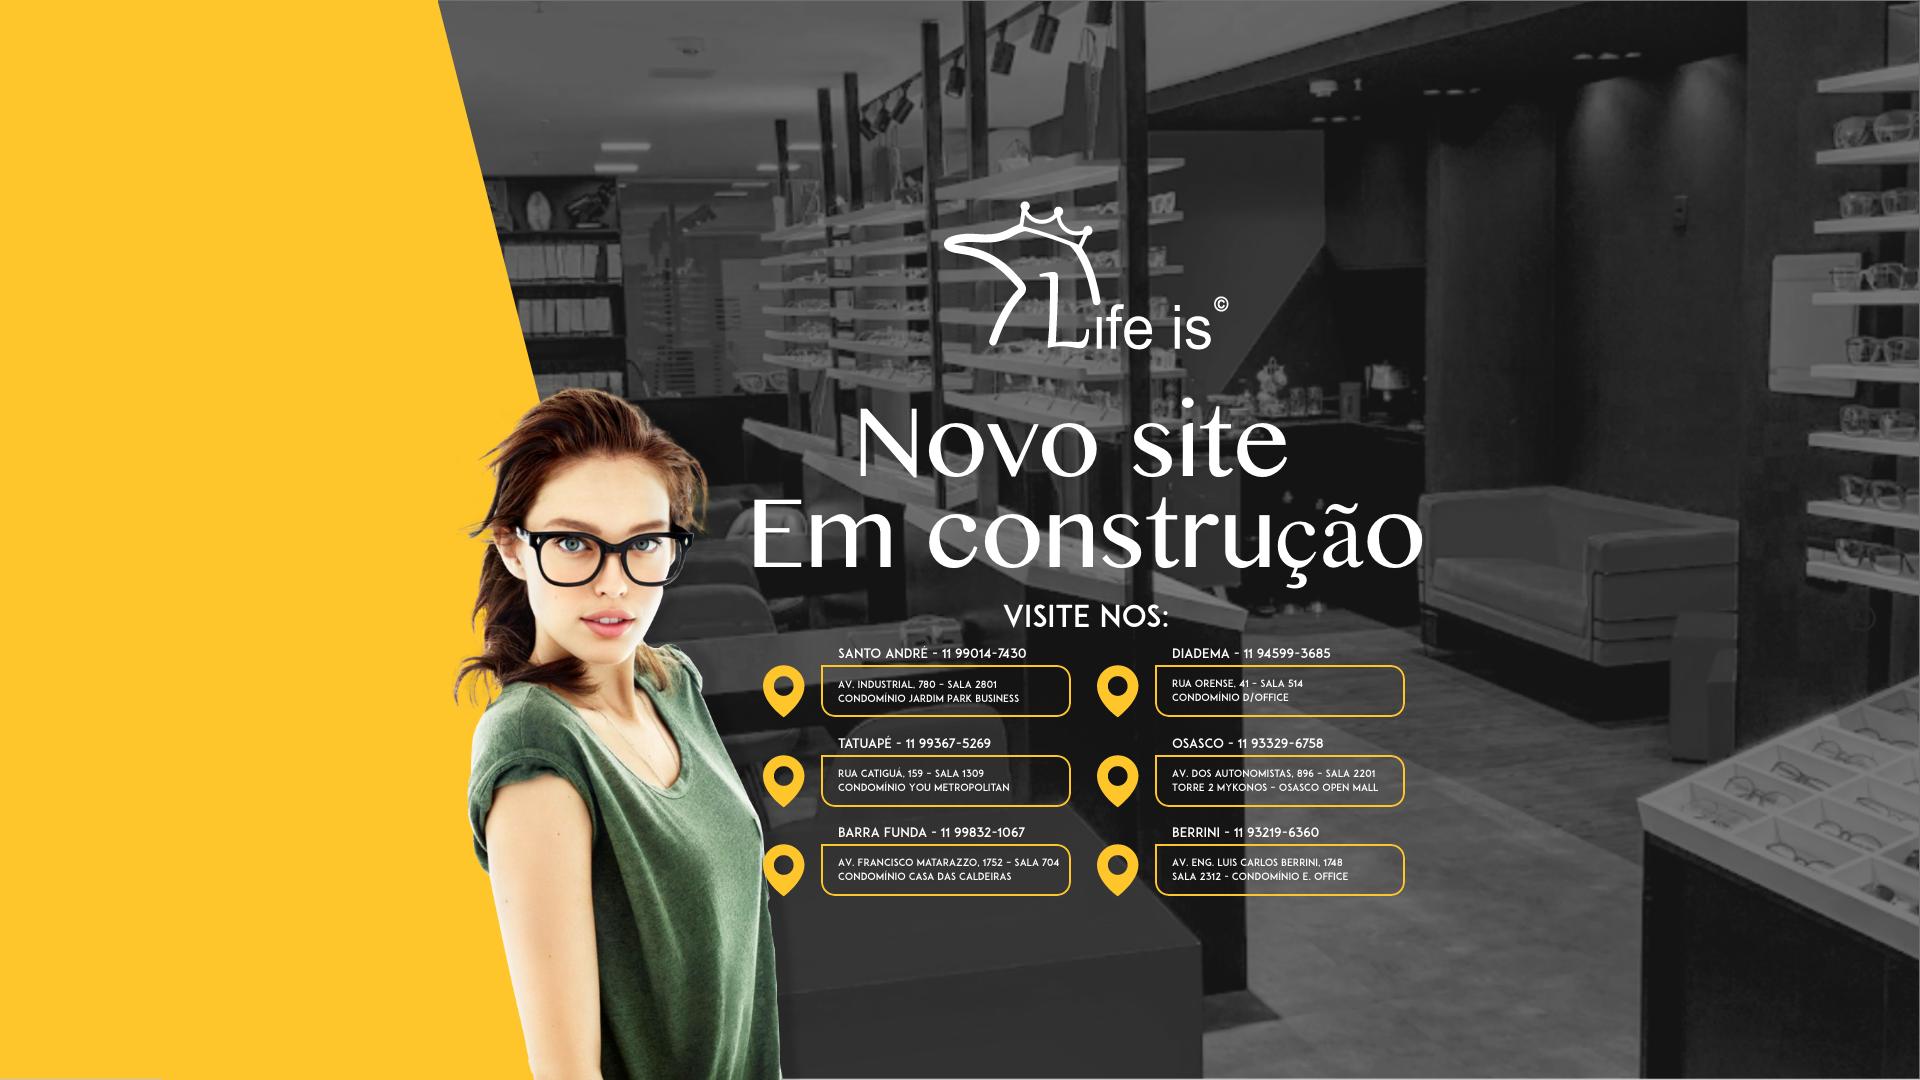 Life is - Novo site em constru